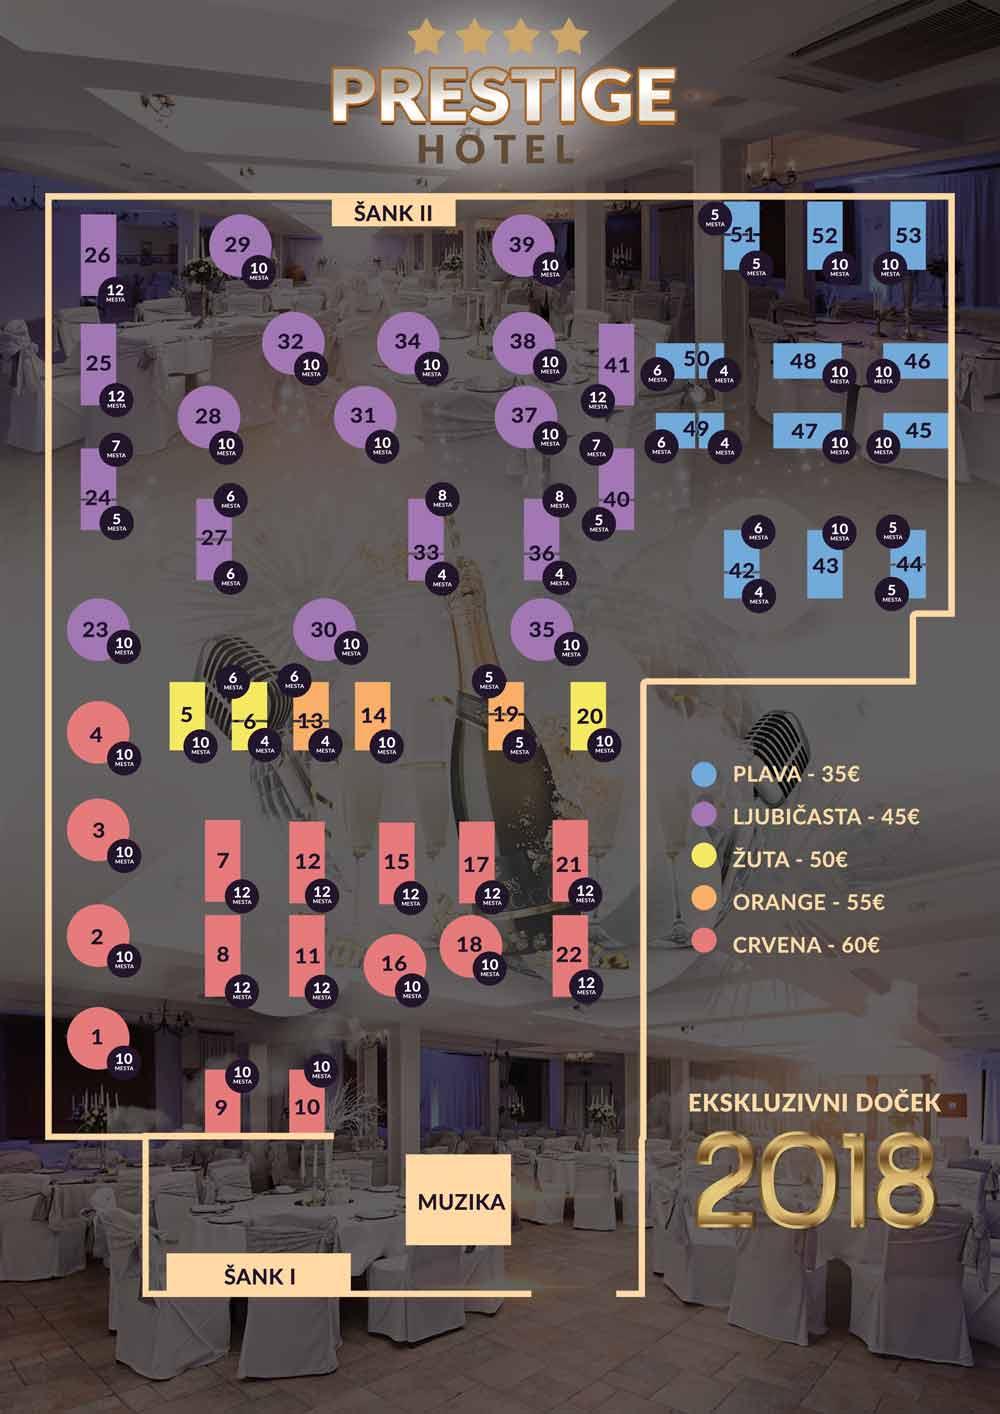 hotel prestige mapa nova godina